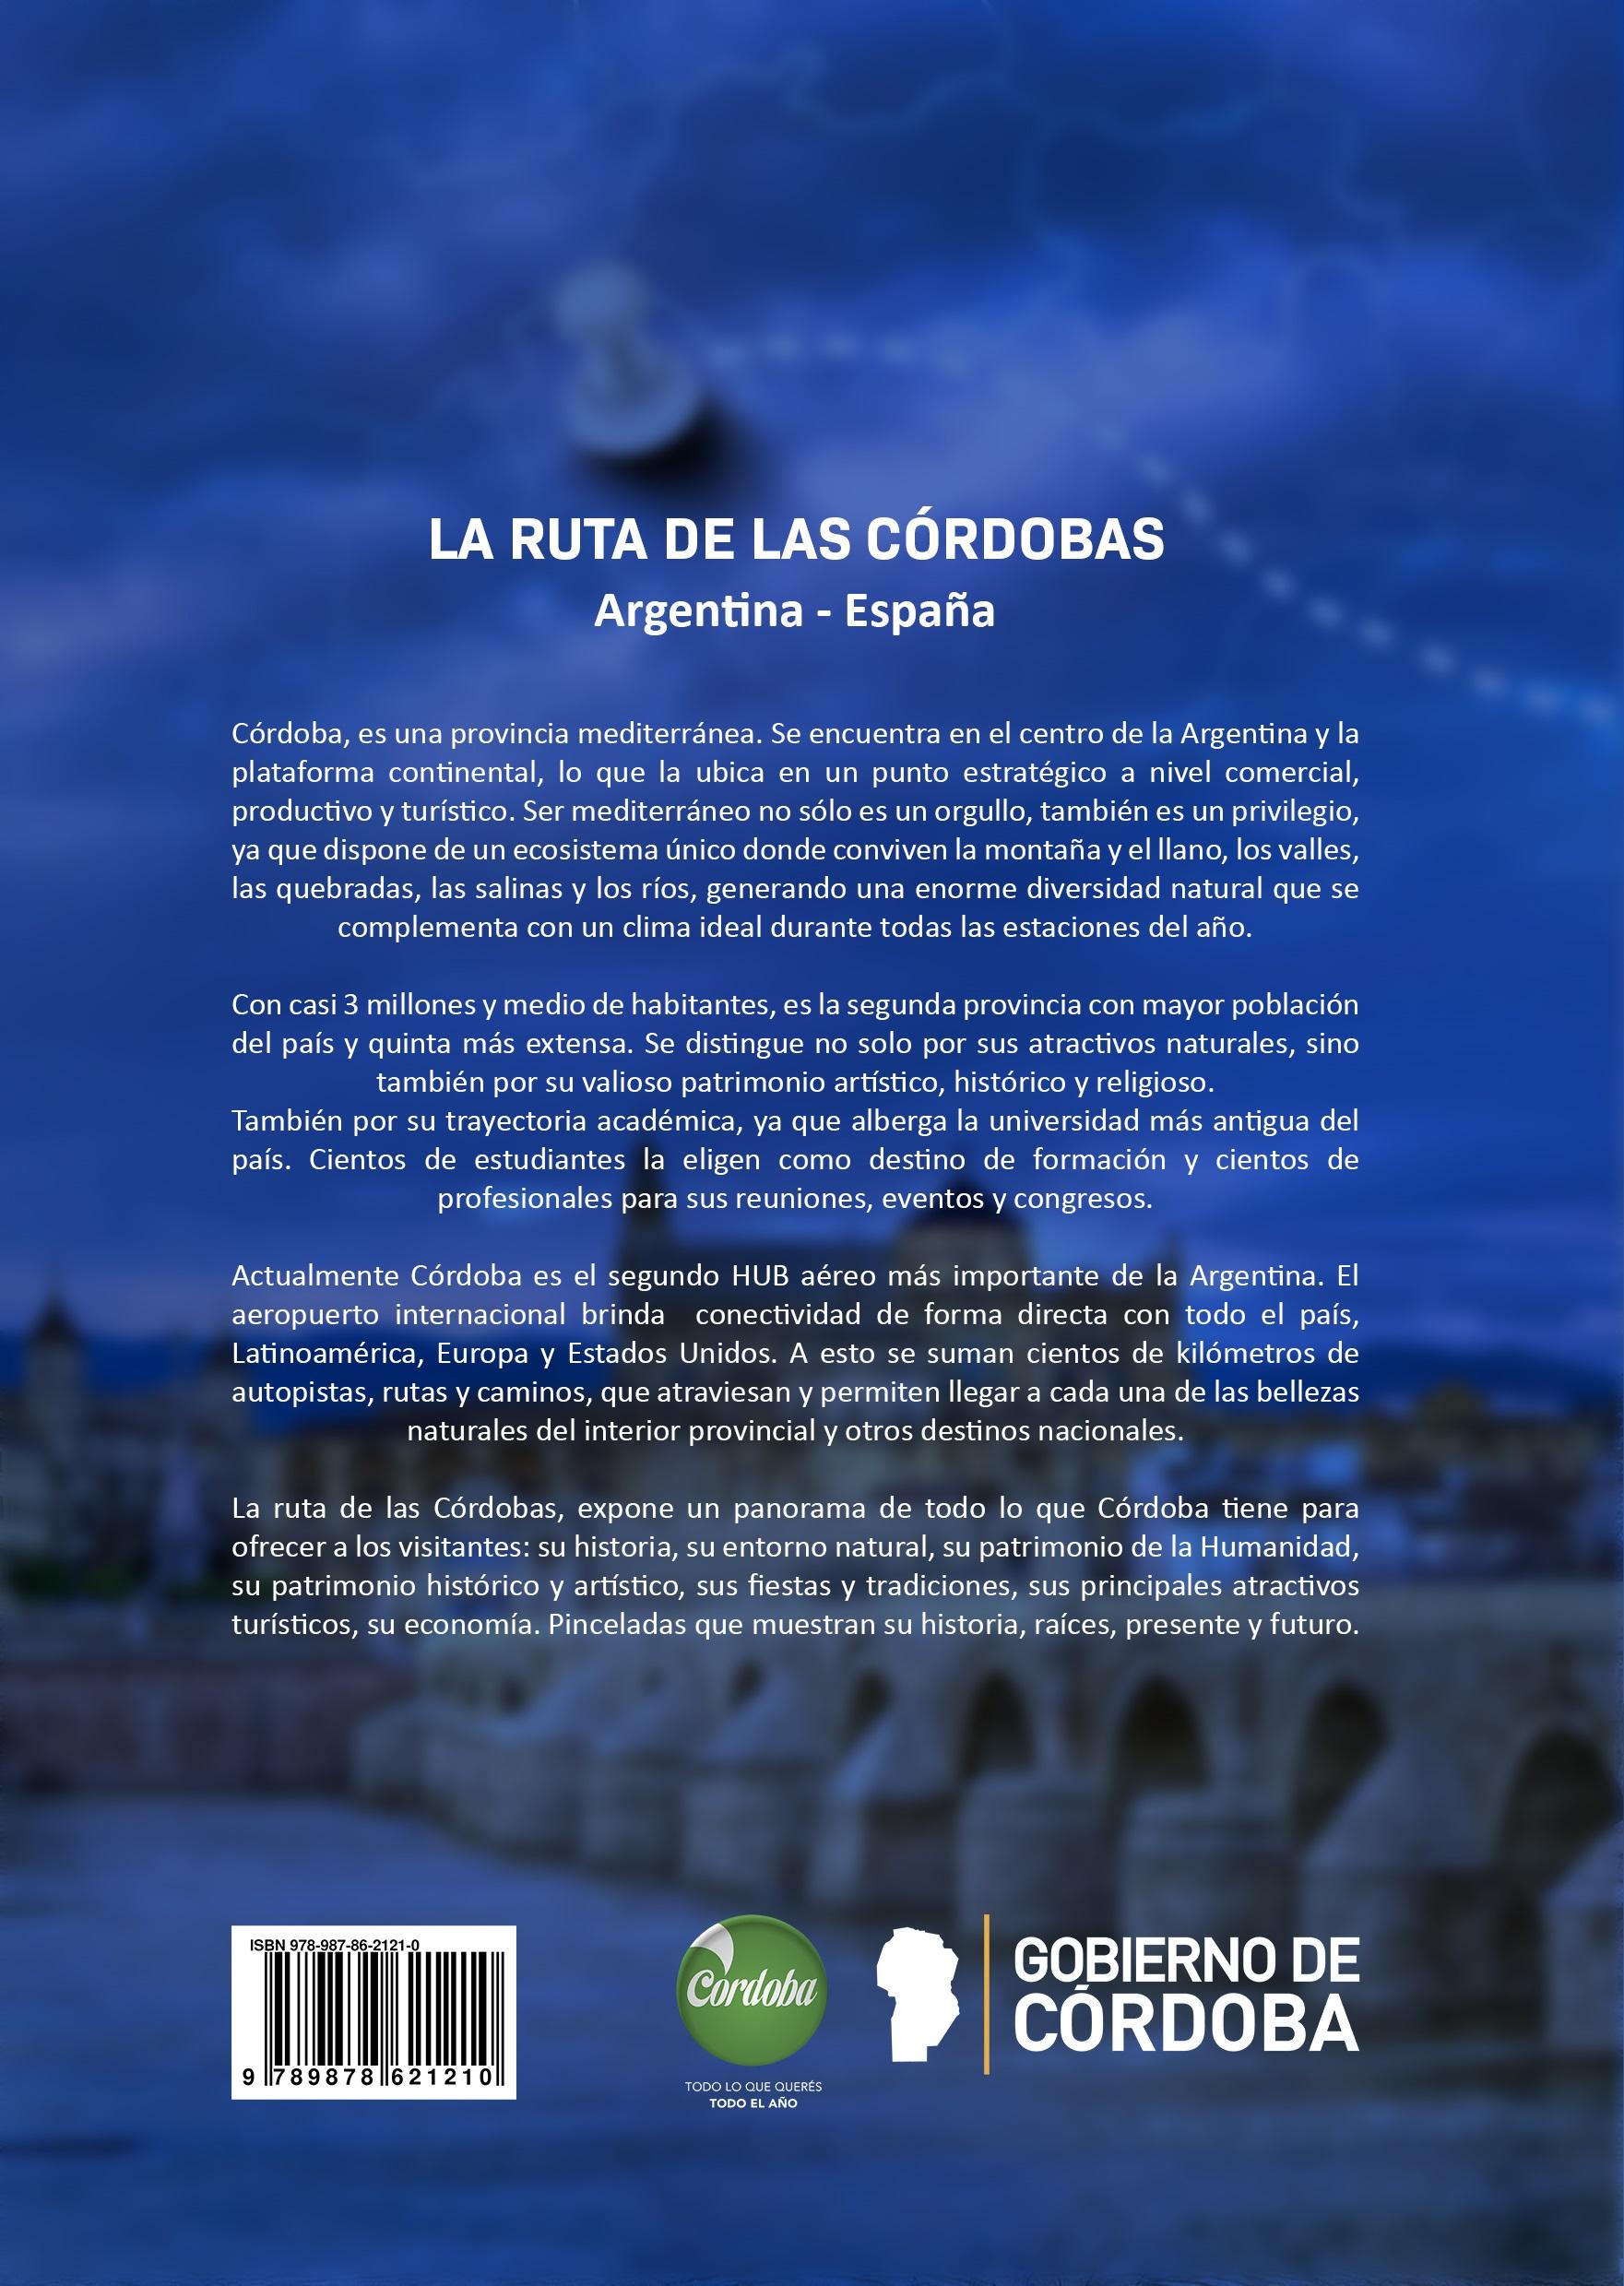 La ruta de las Córdobas